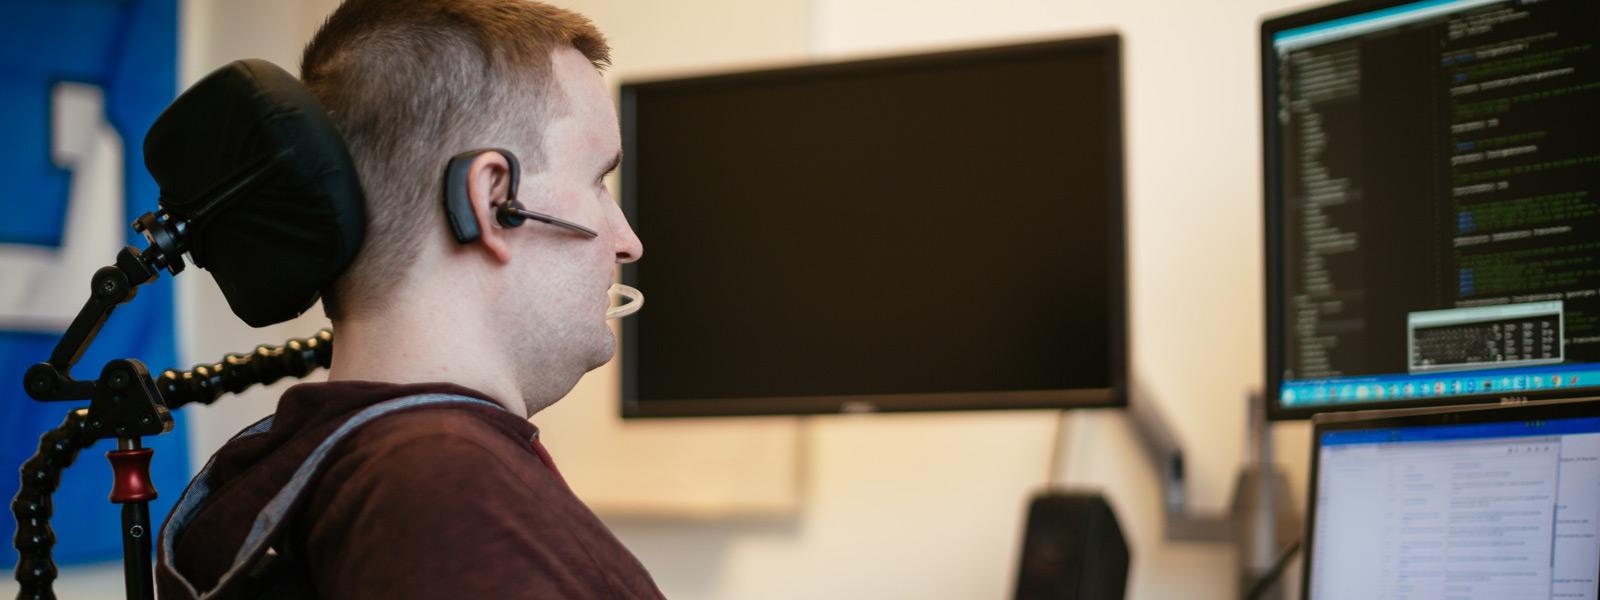 桌前的男人使用輔助硬體技術,用眼球控制操作 Windows 10 電腦